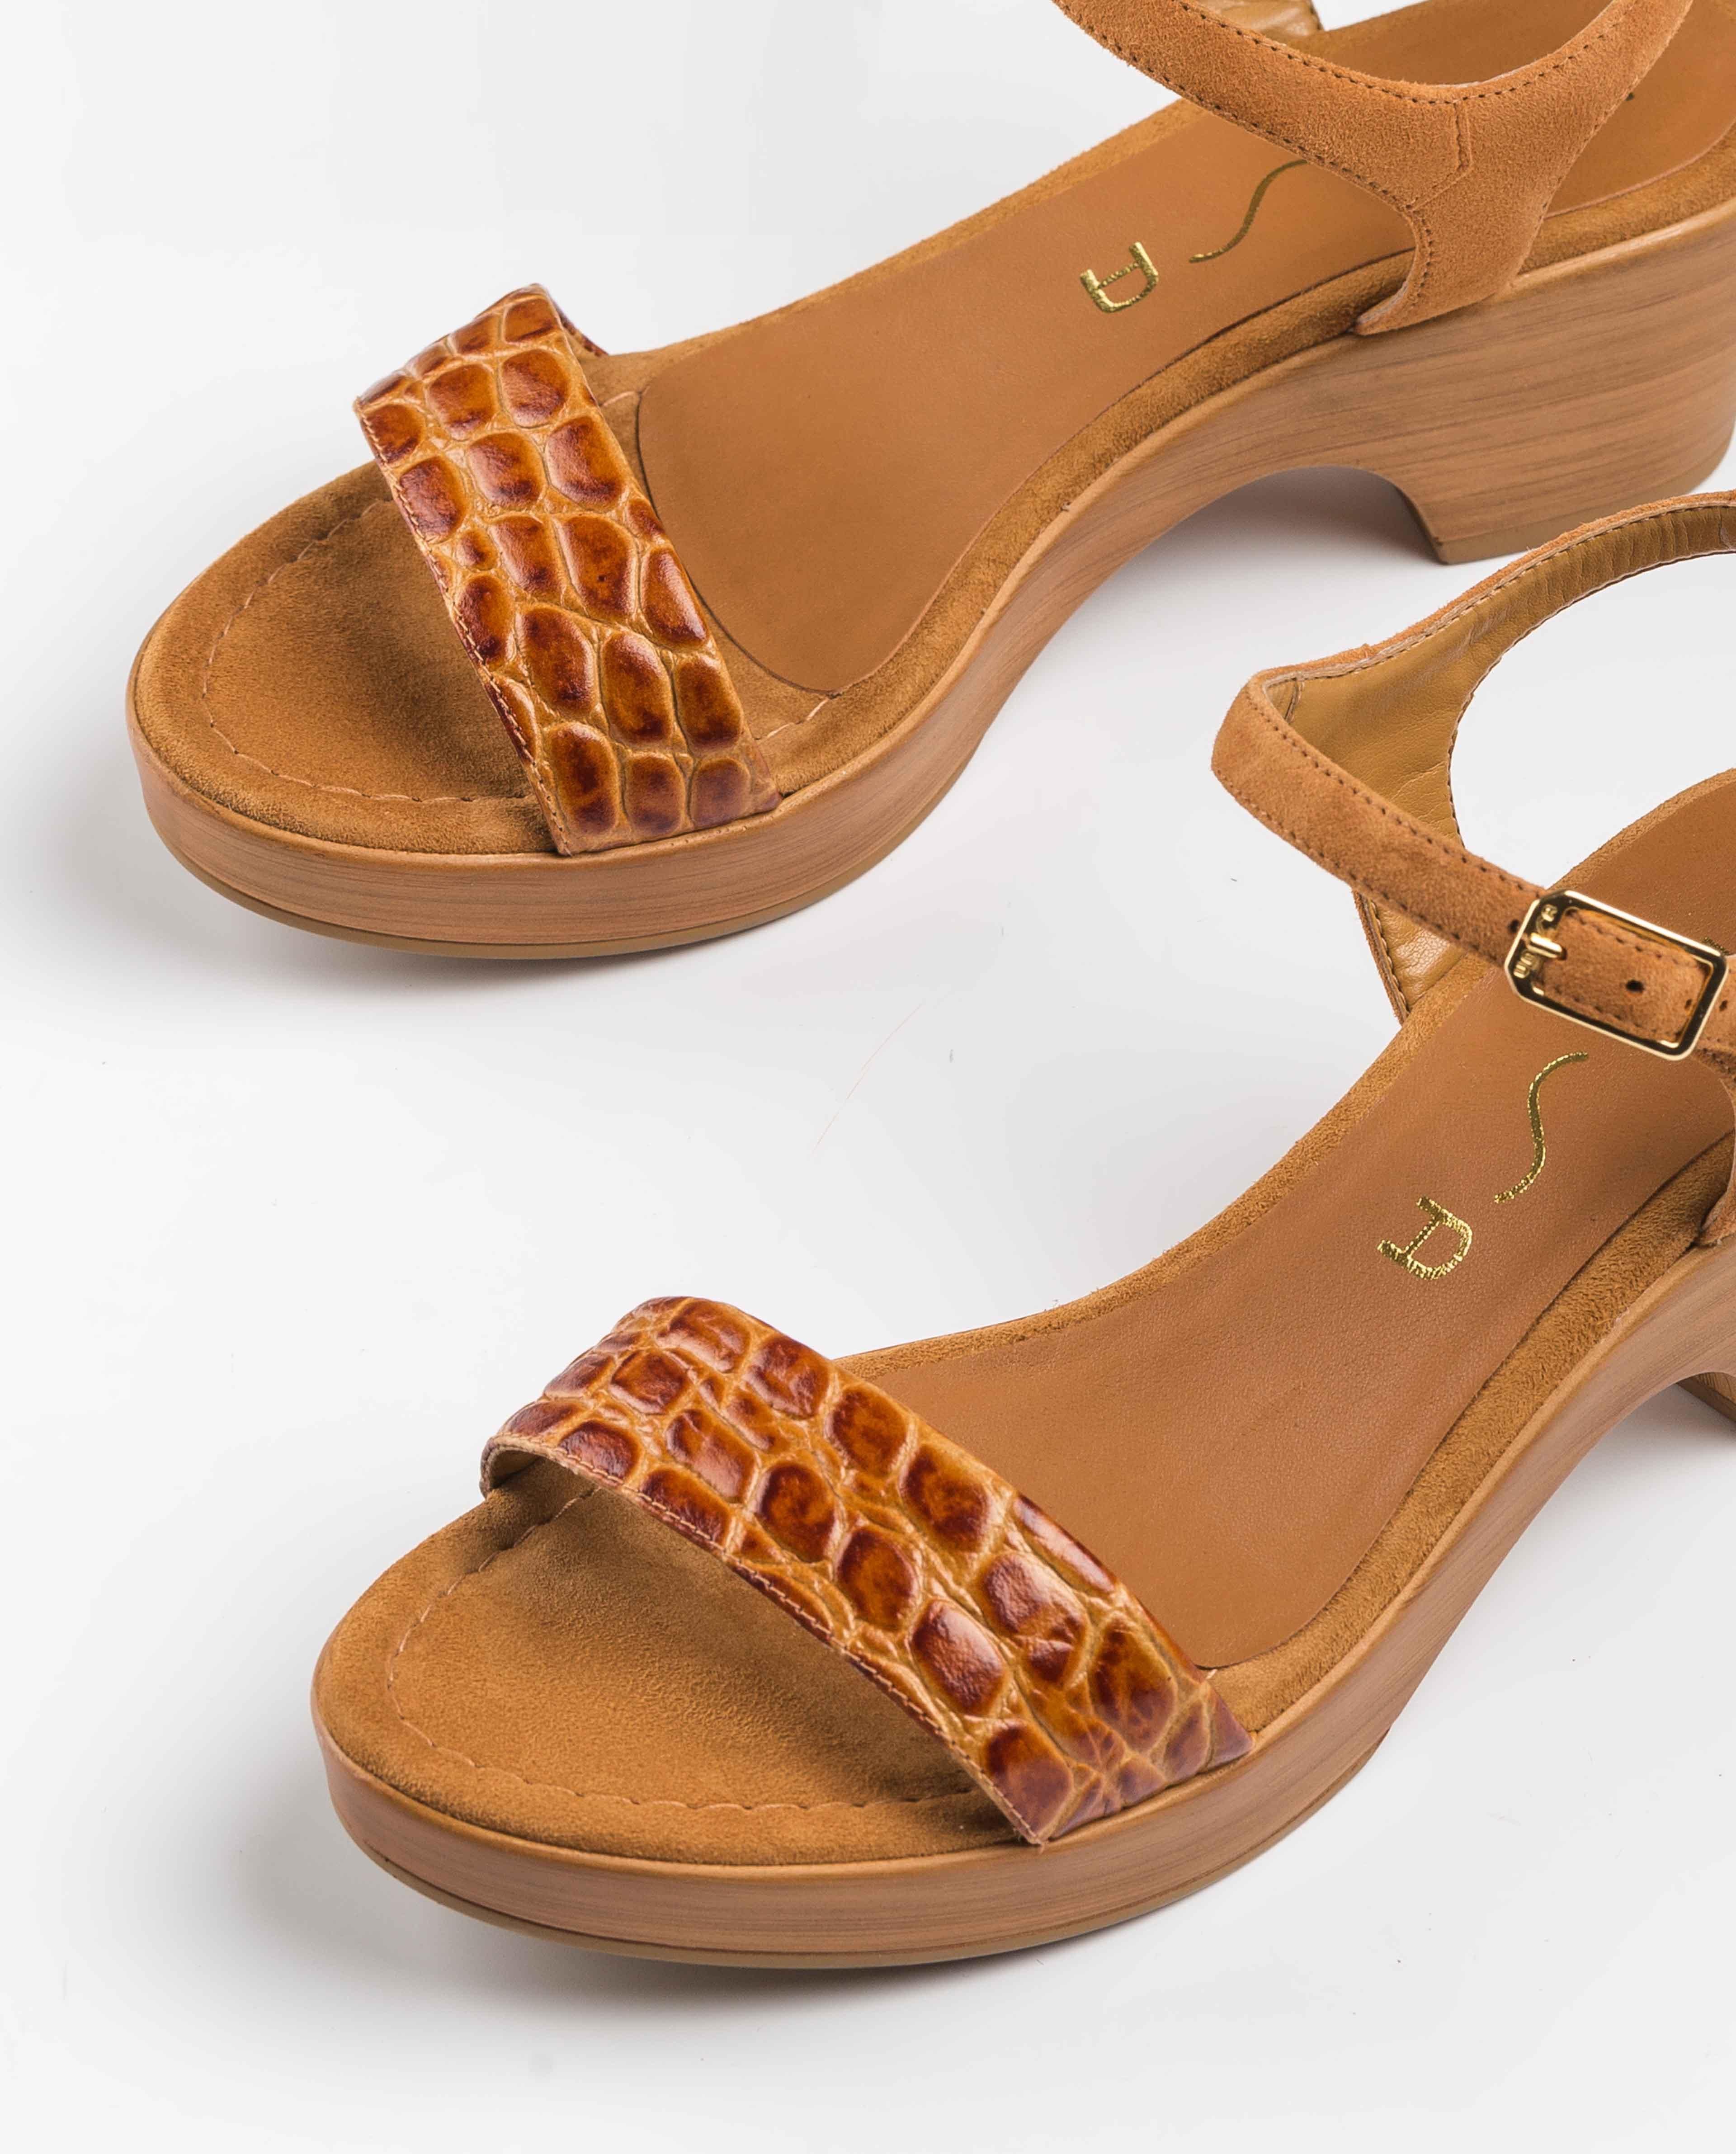 UNISA Block-Sandalen in Kroko-Optik IRITA_20_CRW_KS bisquit 5